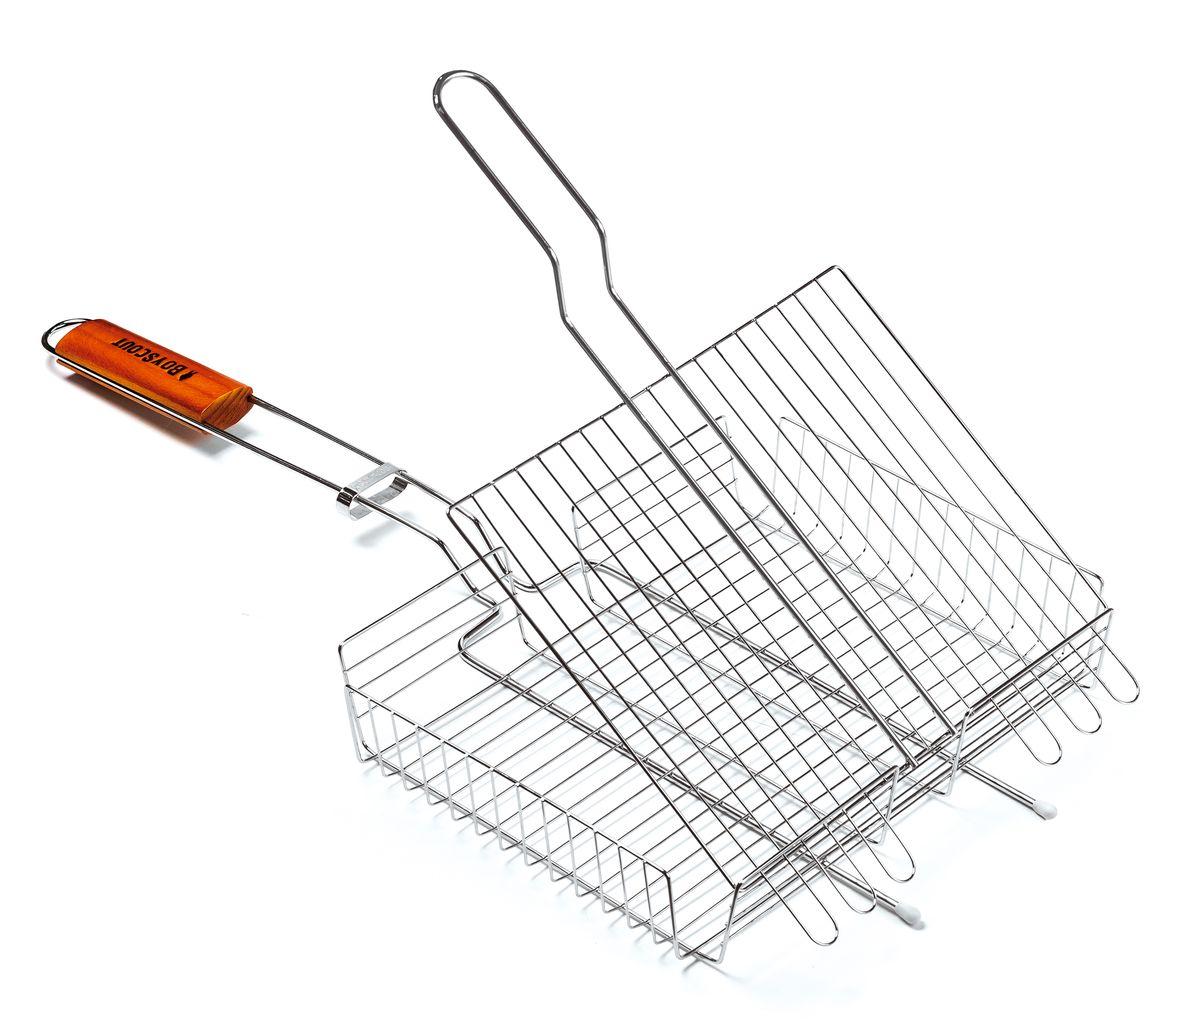 Решетка-гриль Boyscout, универсальная, 30 см х 25 см61302Решетка-гриль Boyscout предназначена для приготовления мяса, рыбы, птицы, овощей на открытом воздухе. Изготовлена из высококачественной стали с пищевым хромированным покрытием. Идеально подходит для мангалов и барбекю.Решетка имеет широкое фиксирующее кольцо на ручке, что обеспечивает надежную фиксацию. Специальная деревянная рукоятка предохраняет от ожогов, а также удобна для обхвата двумя руками, что позволяет легко переворачивать решетку.Размер решетки: 30 см x 25 см.Высота решетки: 4,5 см.